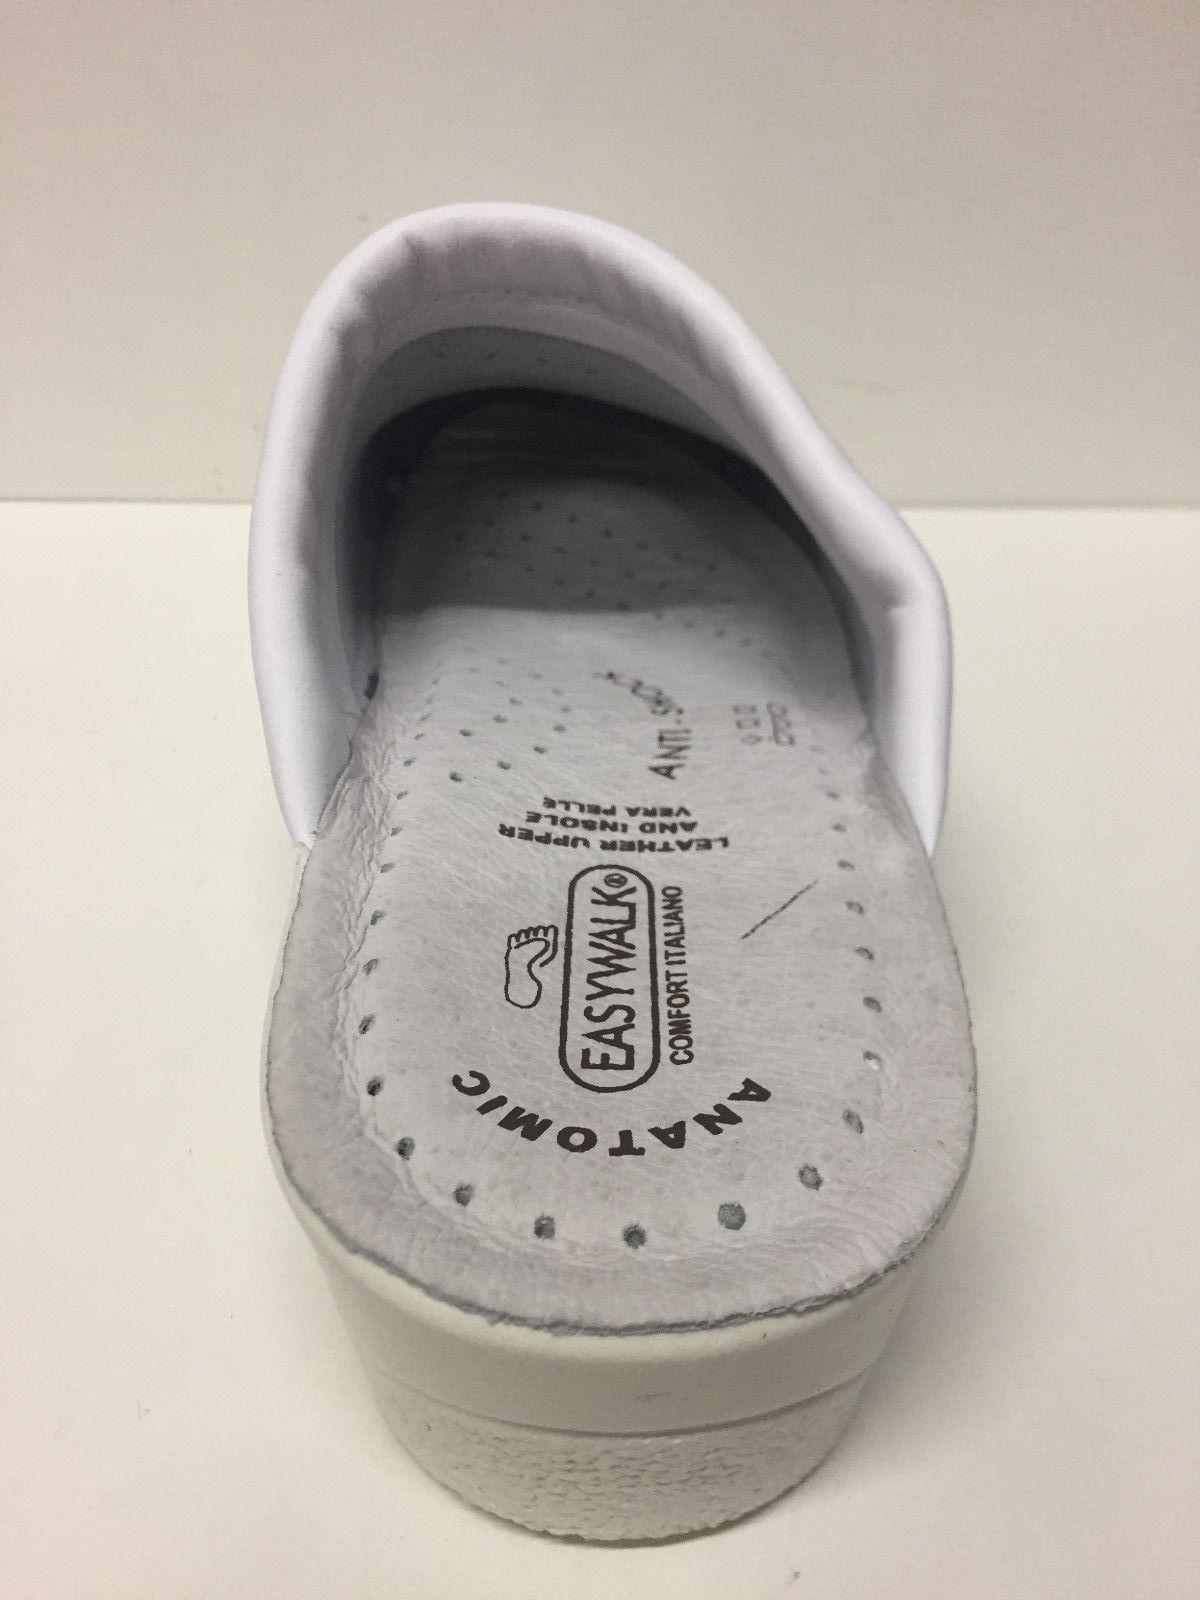 miglior servizio economico in vendita moda firmata New Scarpe Sanitarie Original Shoes Easy Dettagli 210 ...